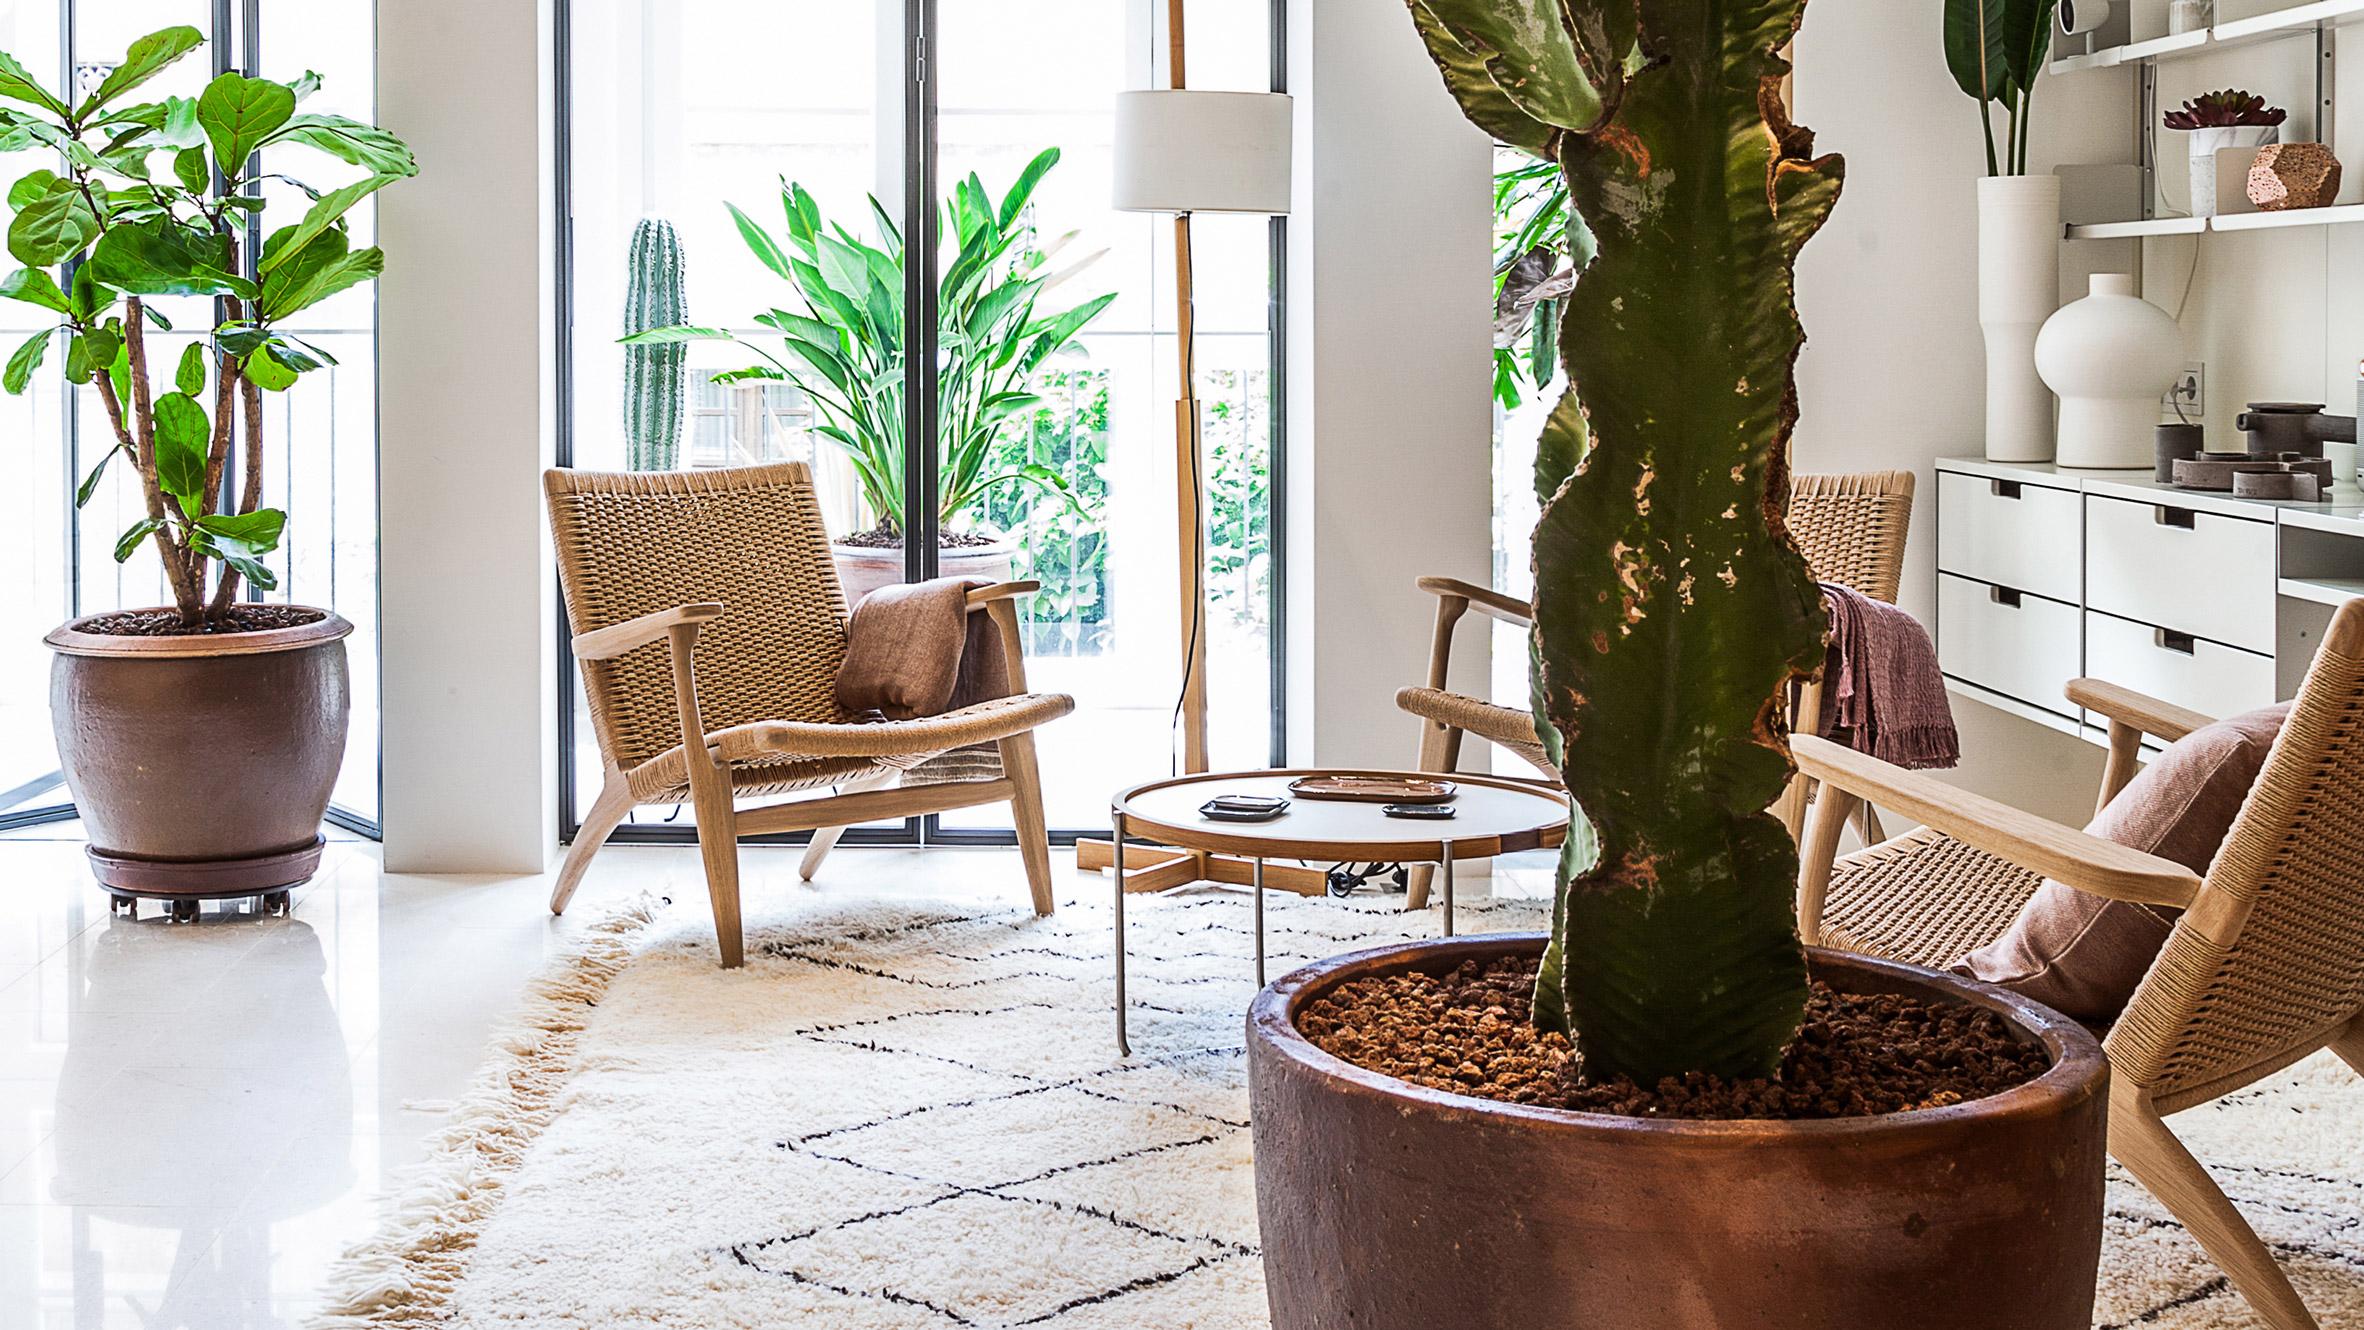 Апартамент за почивка с вътрешна градина и скрита кухня